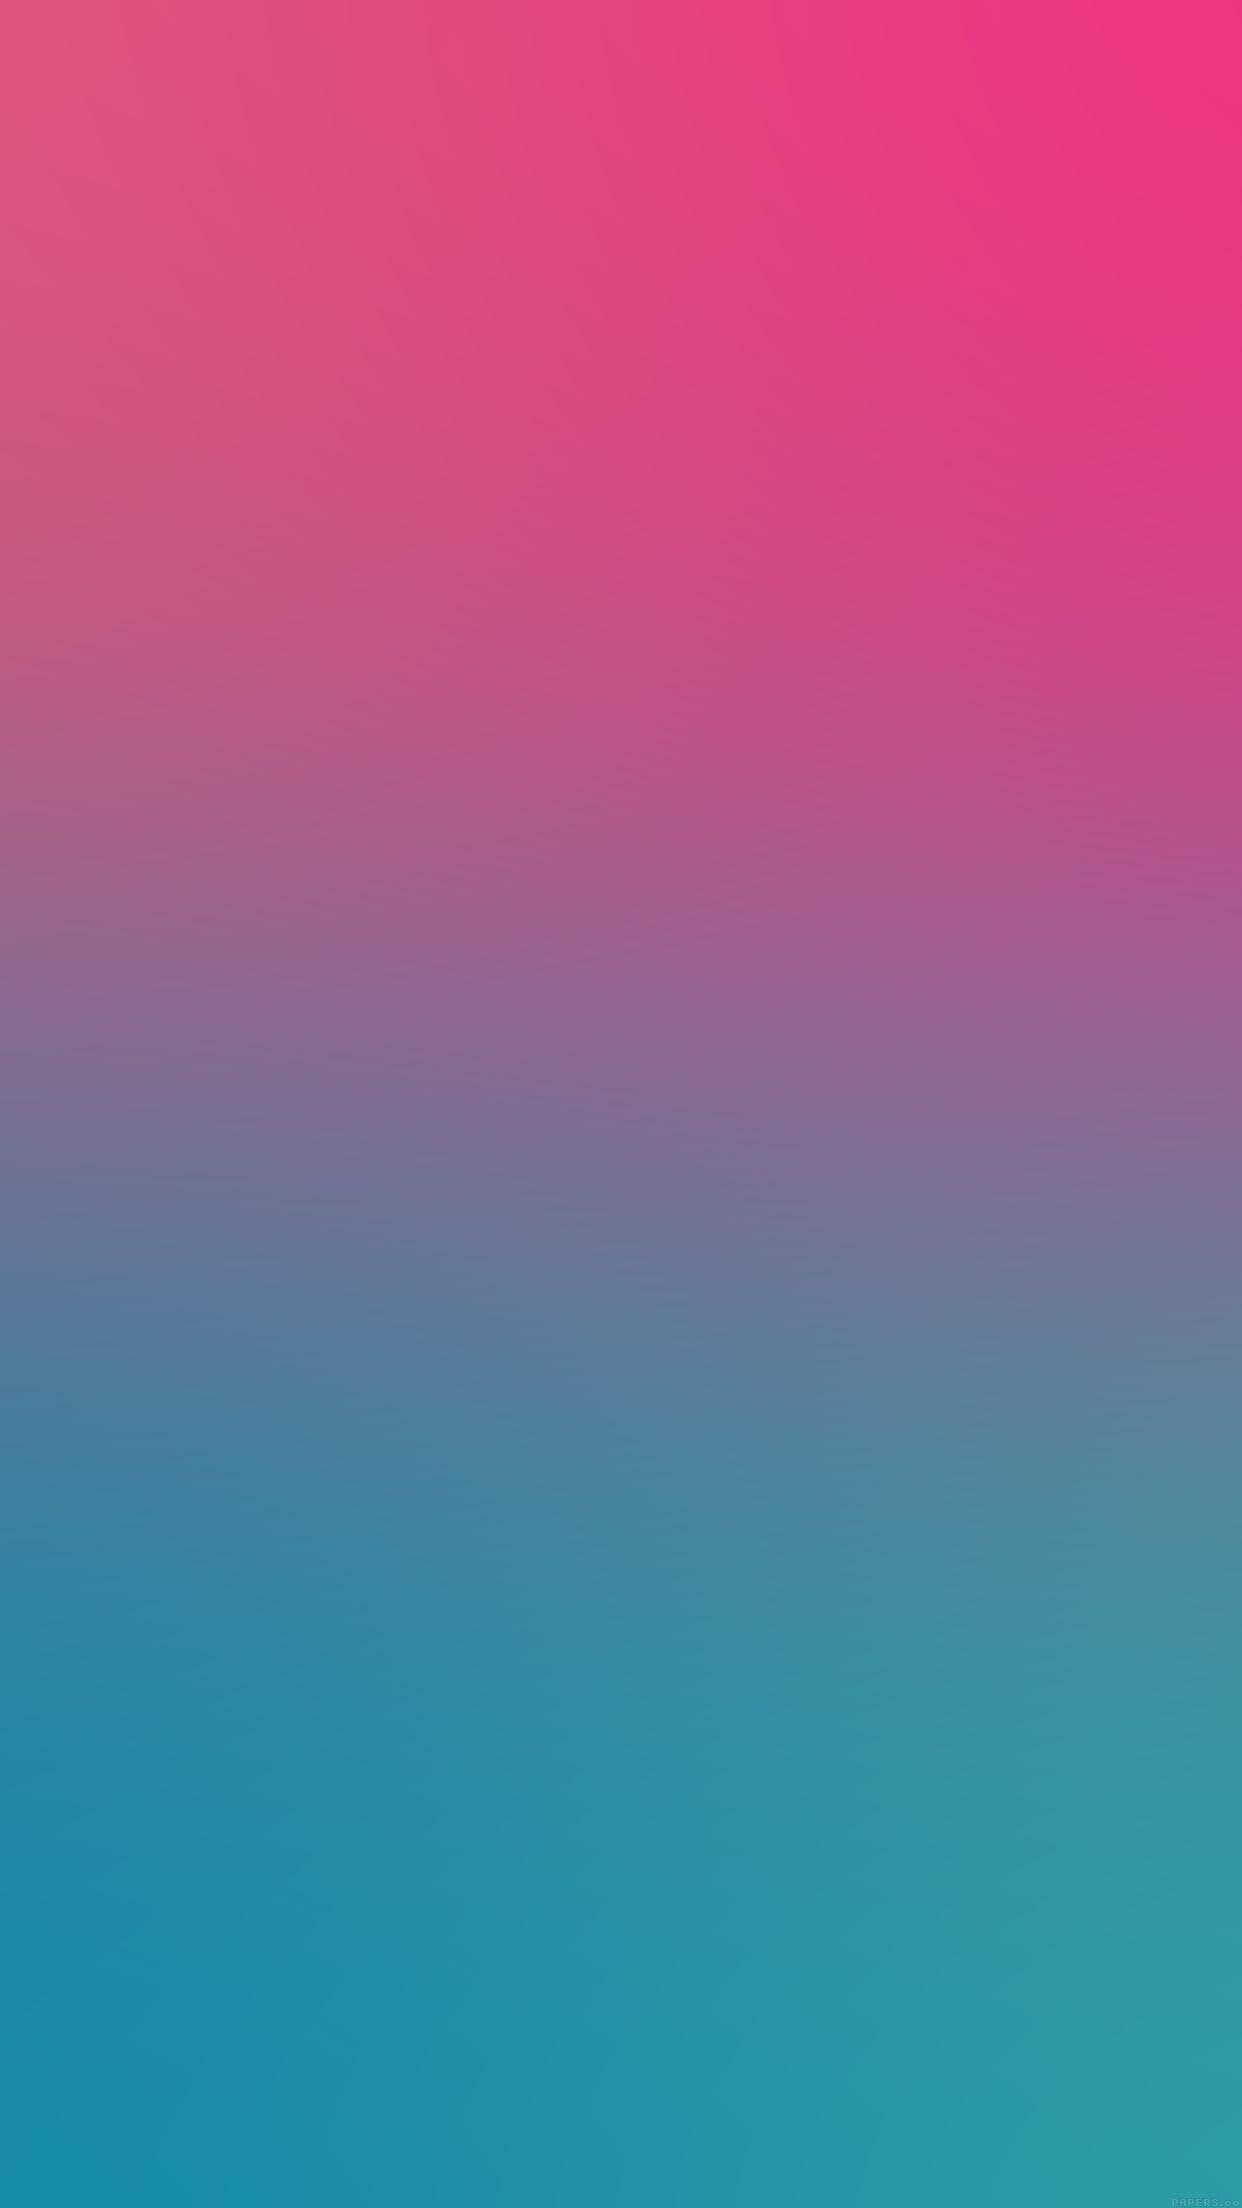 Unduh 41 Wallpaper Iphone Gradient Gratis